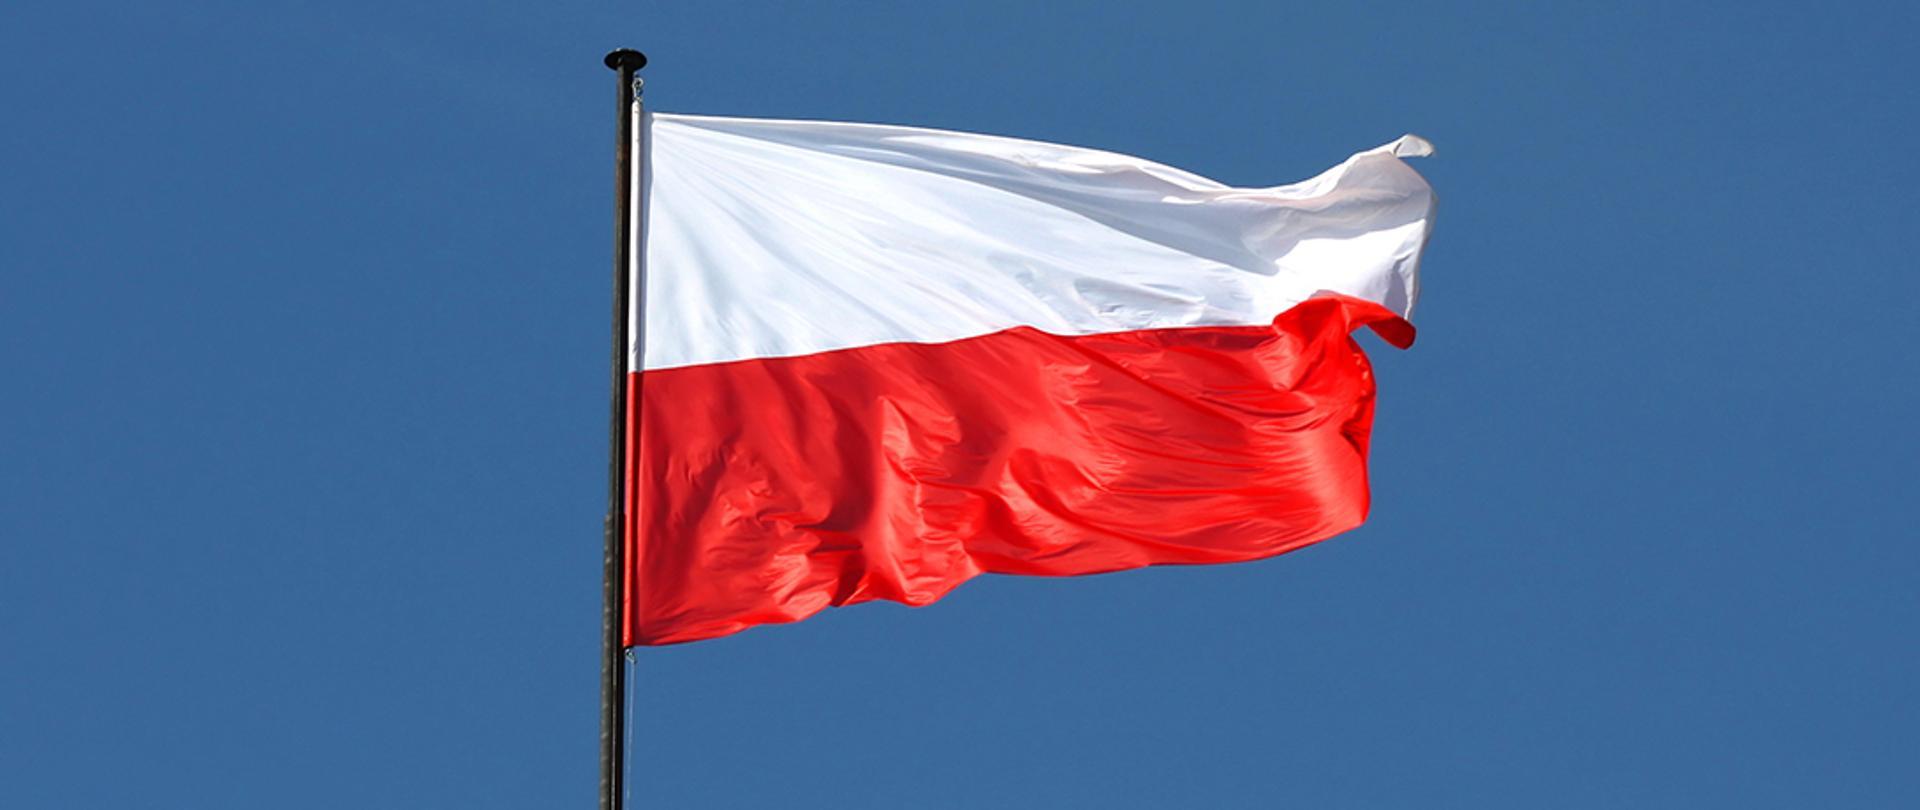 Dzień Flagi Rzeczypospolitej Polskiej. Skorzystaj z ...